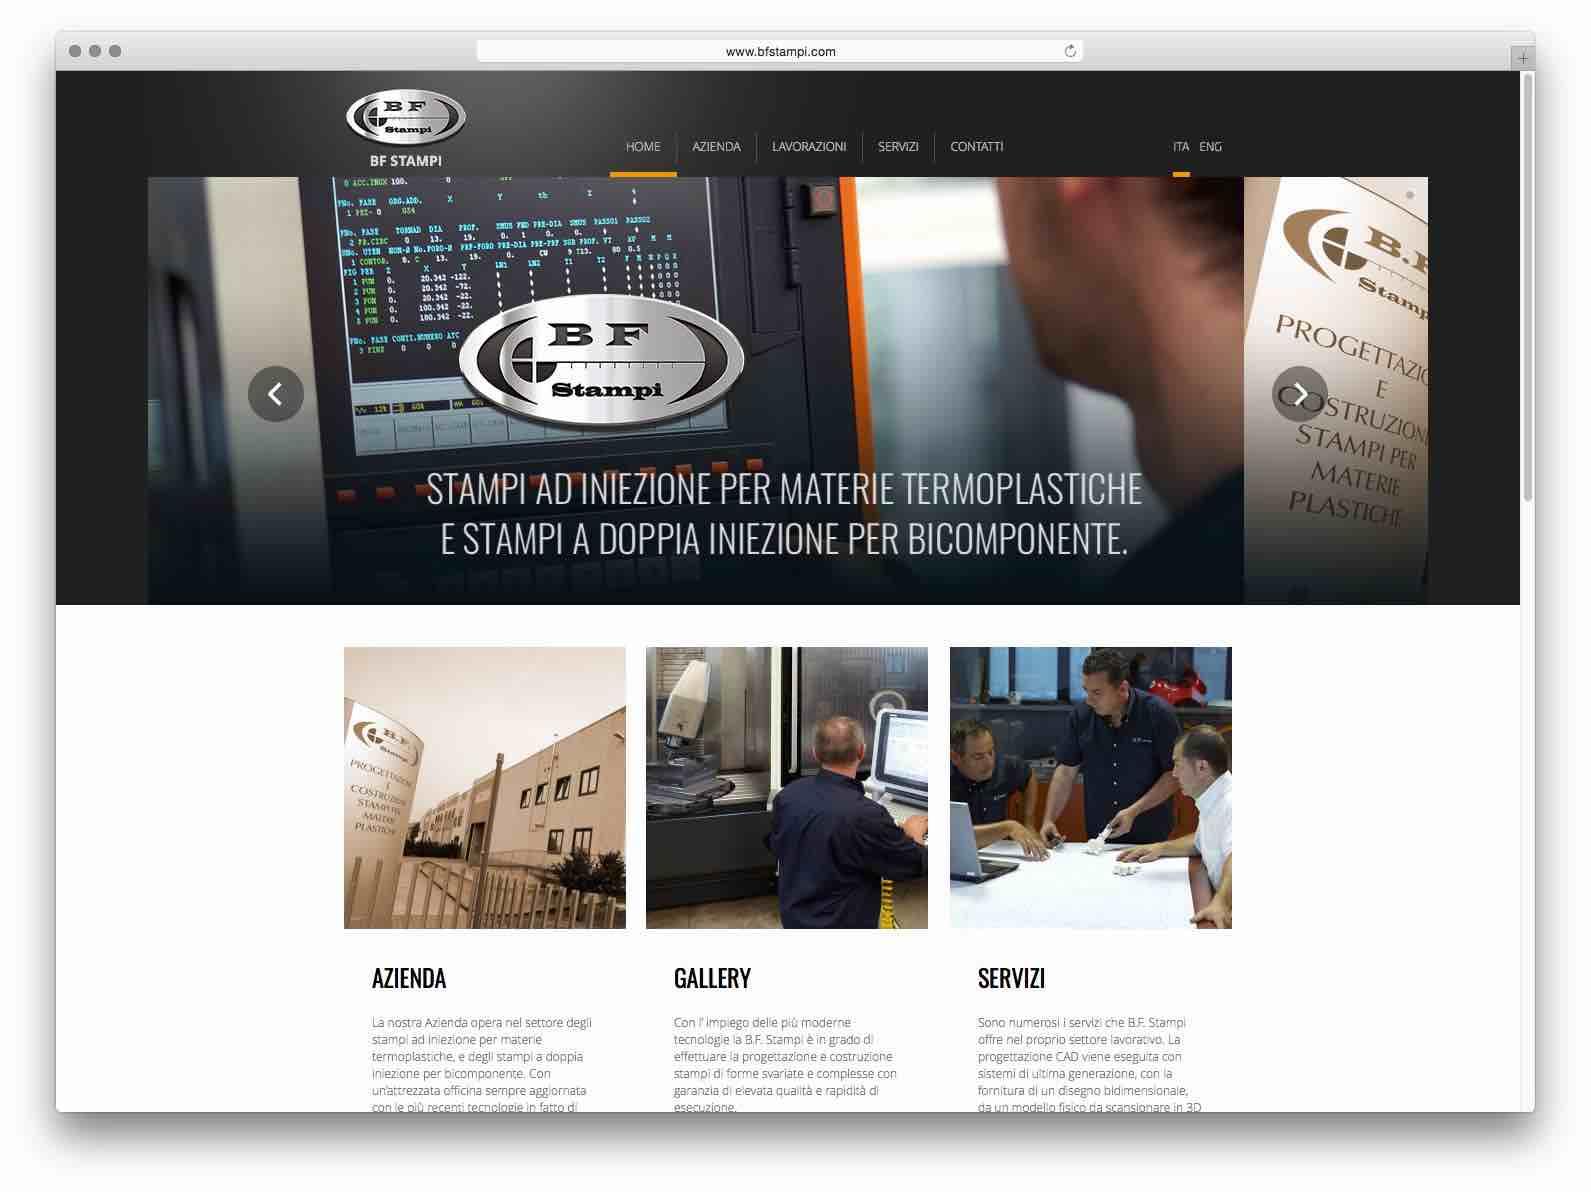 Creazione Siti Web Brescia - Sito Web BF Stampi